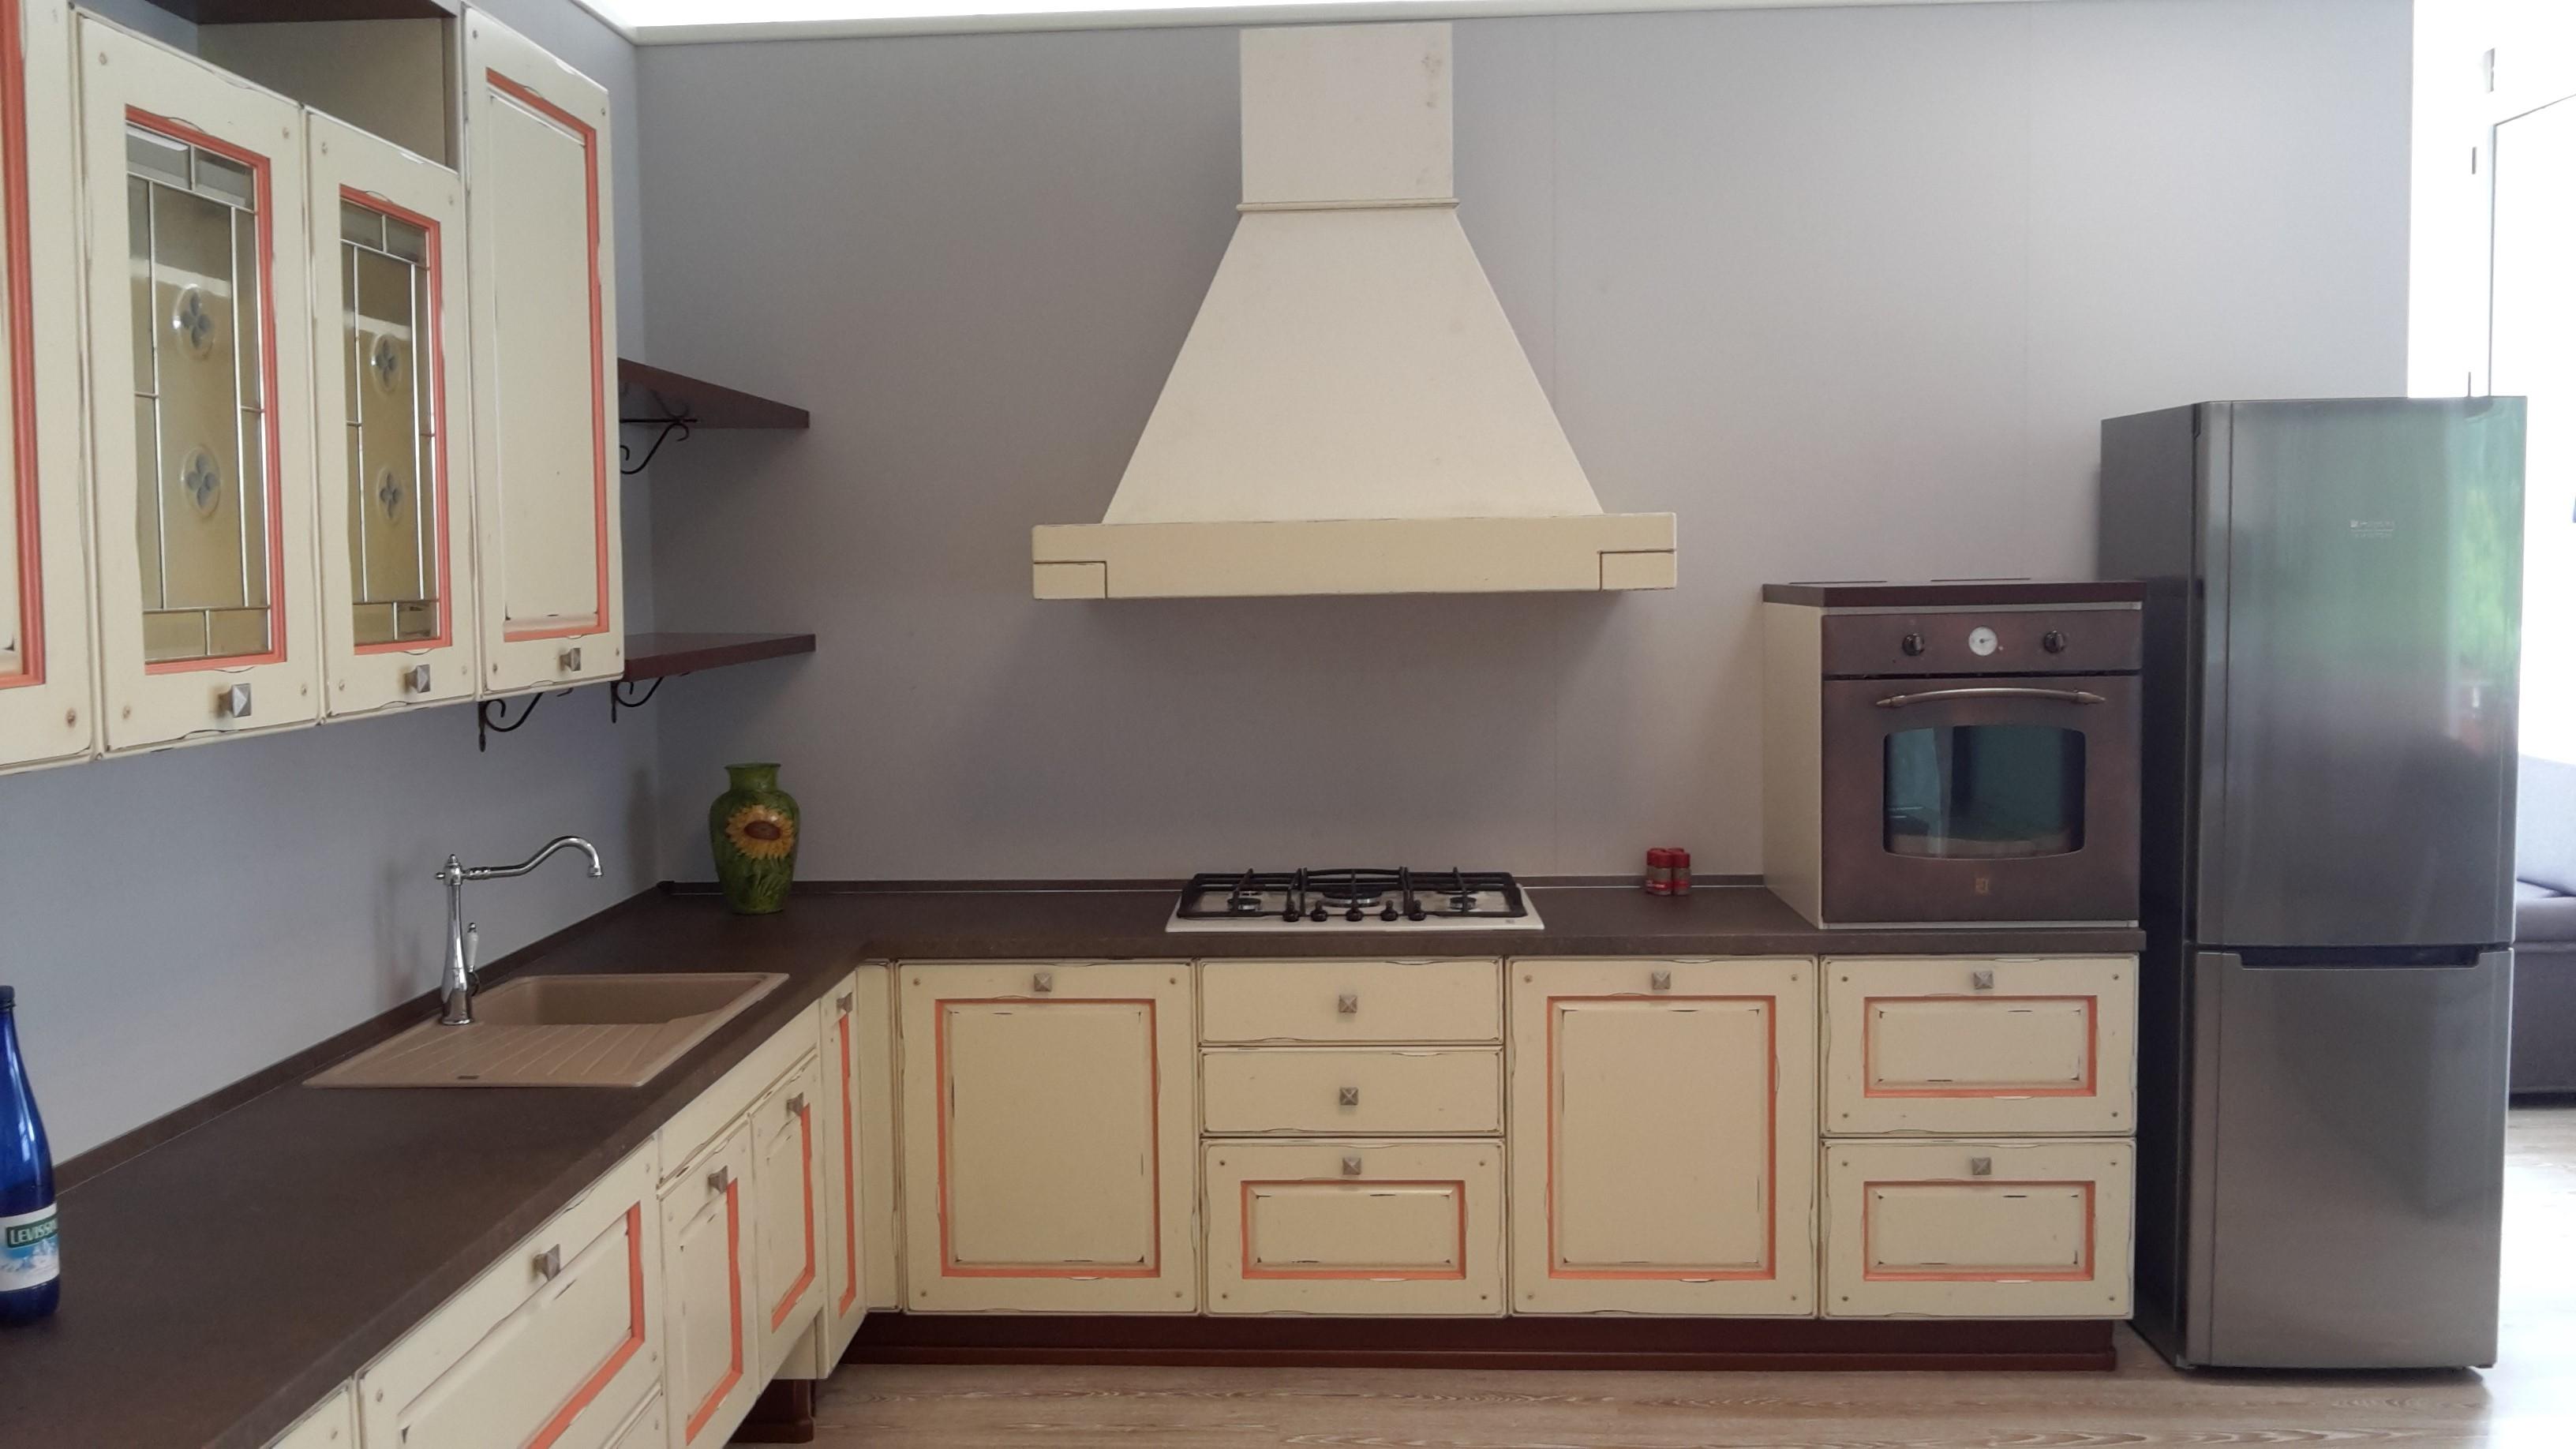 Altezza pensili cucina amazing dimensioni pensili cucina - Altezza mobili cucina ...